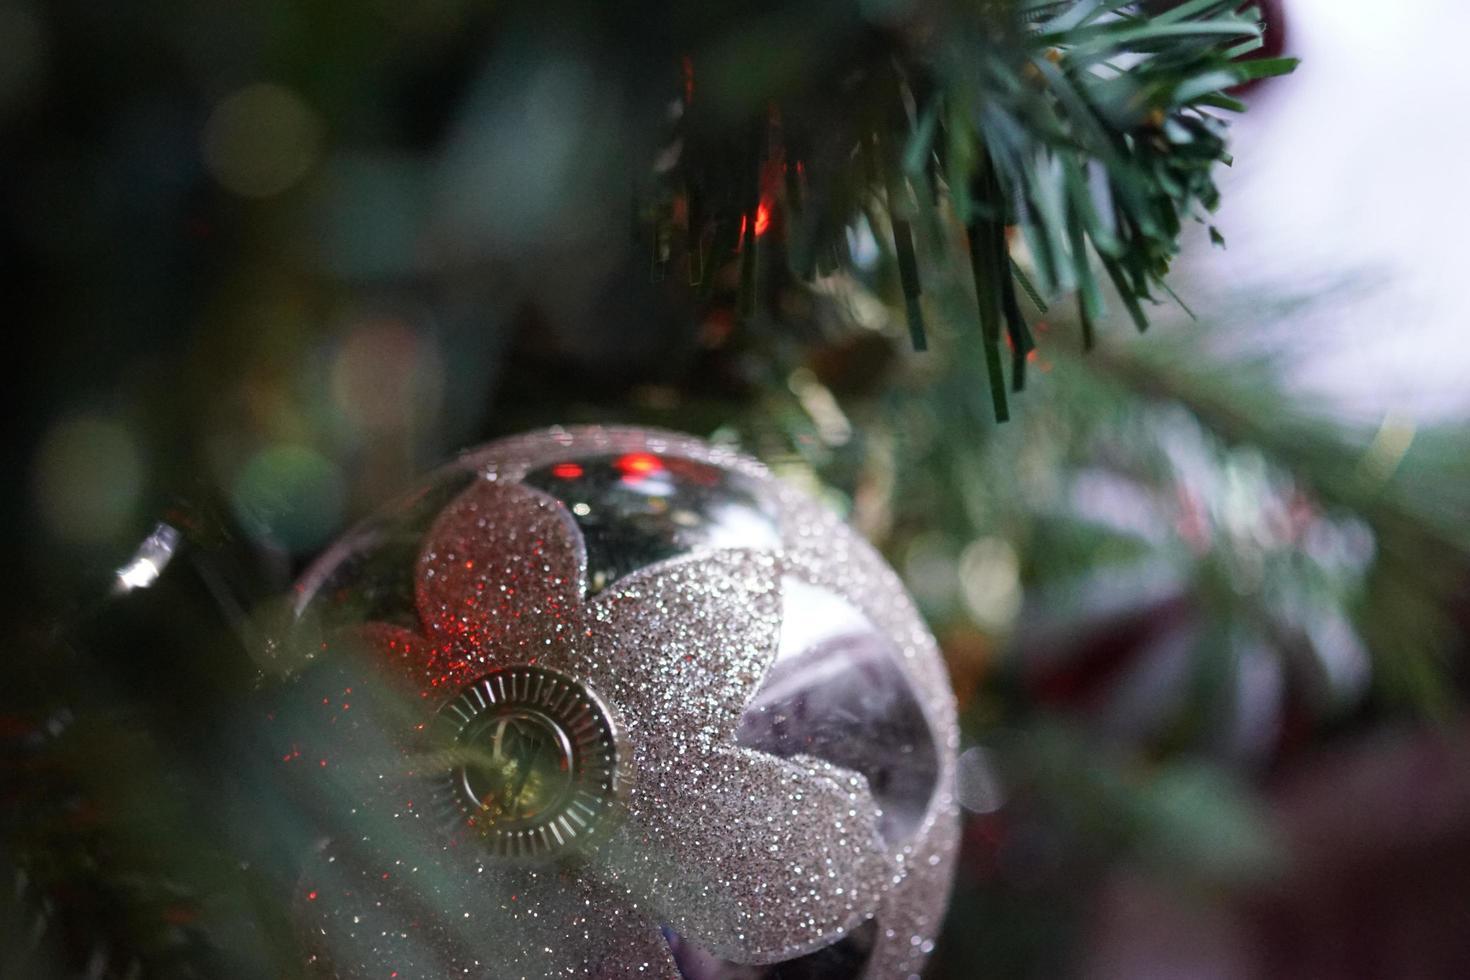 bombilla de navidad de plata foto